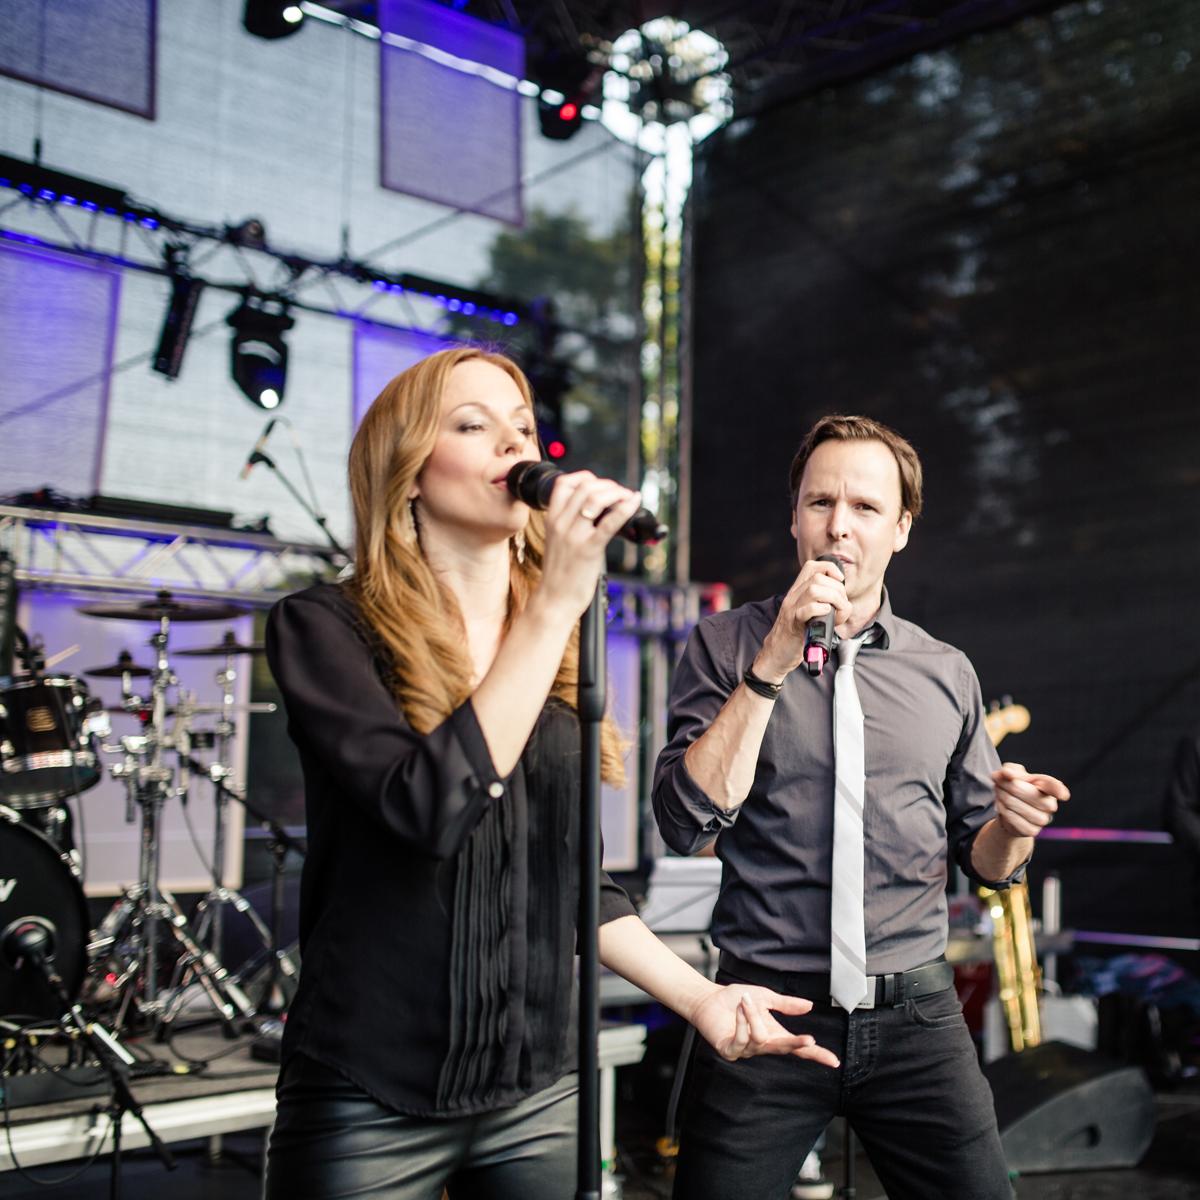 Die Sängerin Dorothea Winter und Sänger Christian Wolf